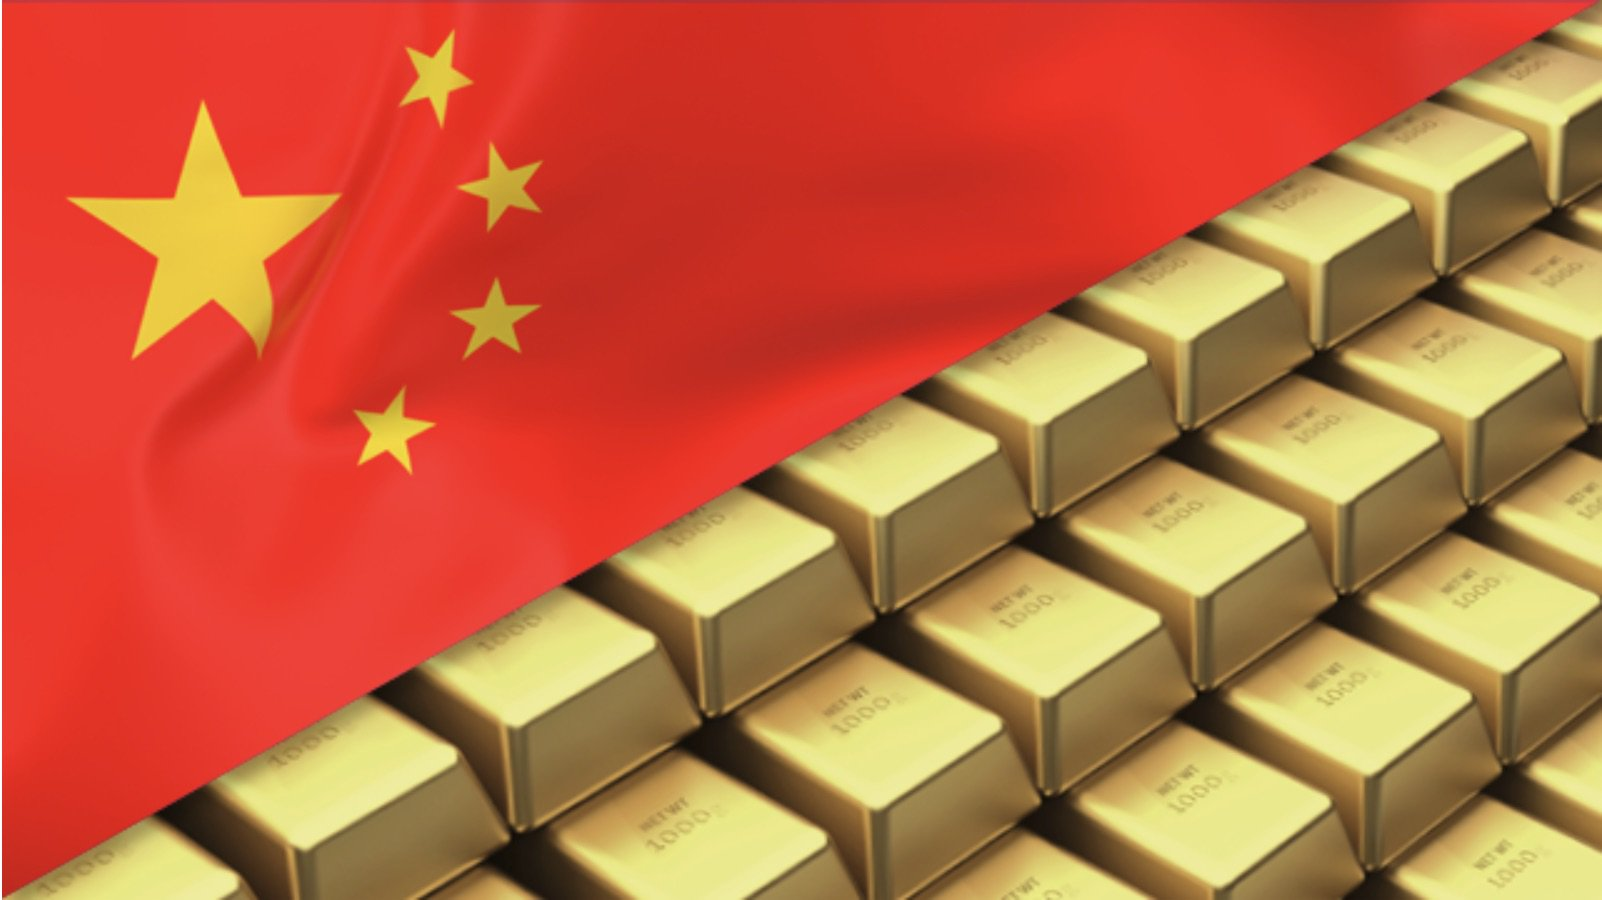 König-Welt-Nachrichten-ja-China-Pläne-zu-senden-Gold-Preise-dramatisch höher